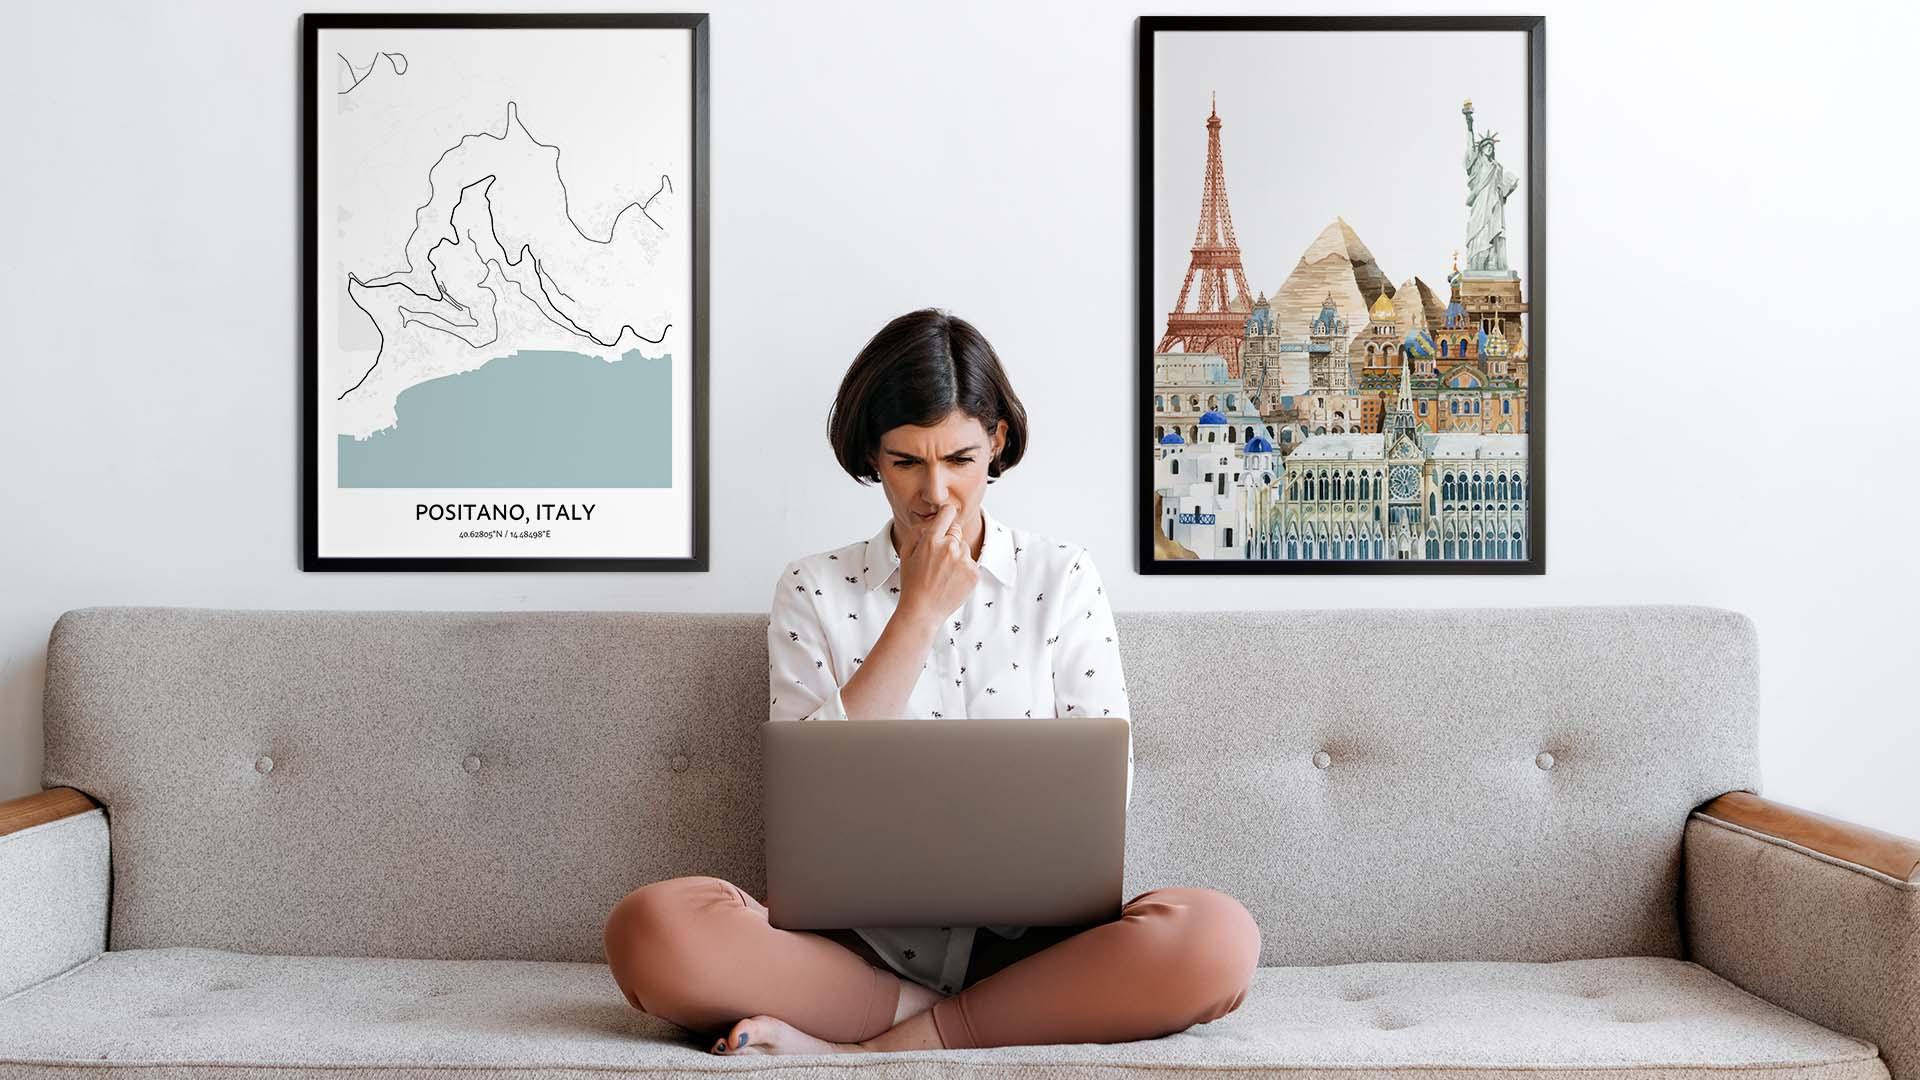 Positano city map art